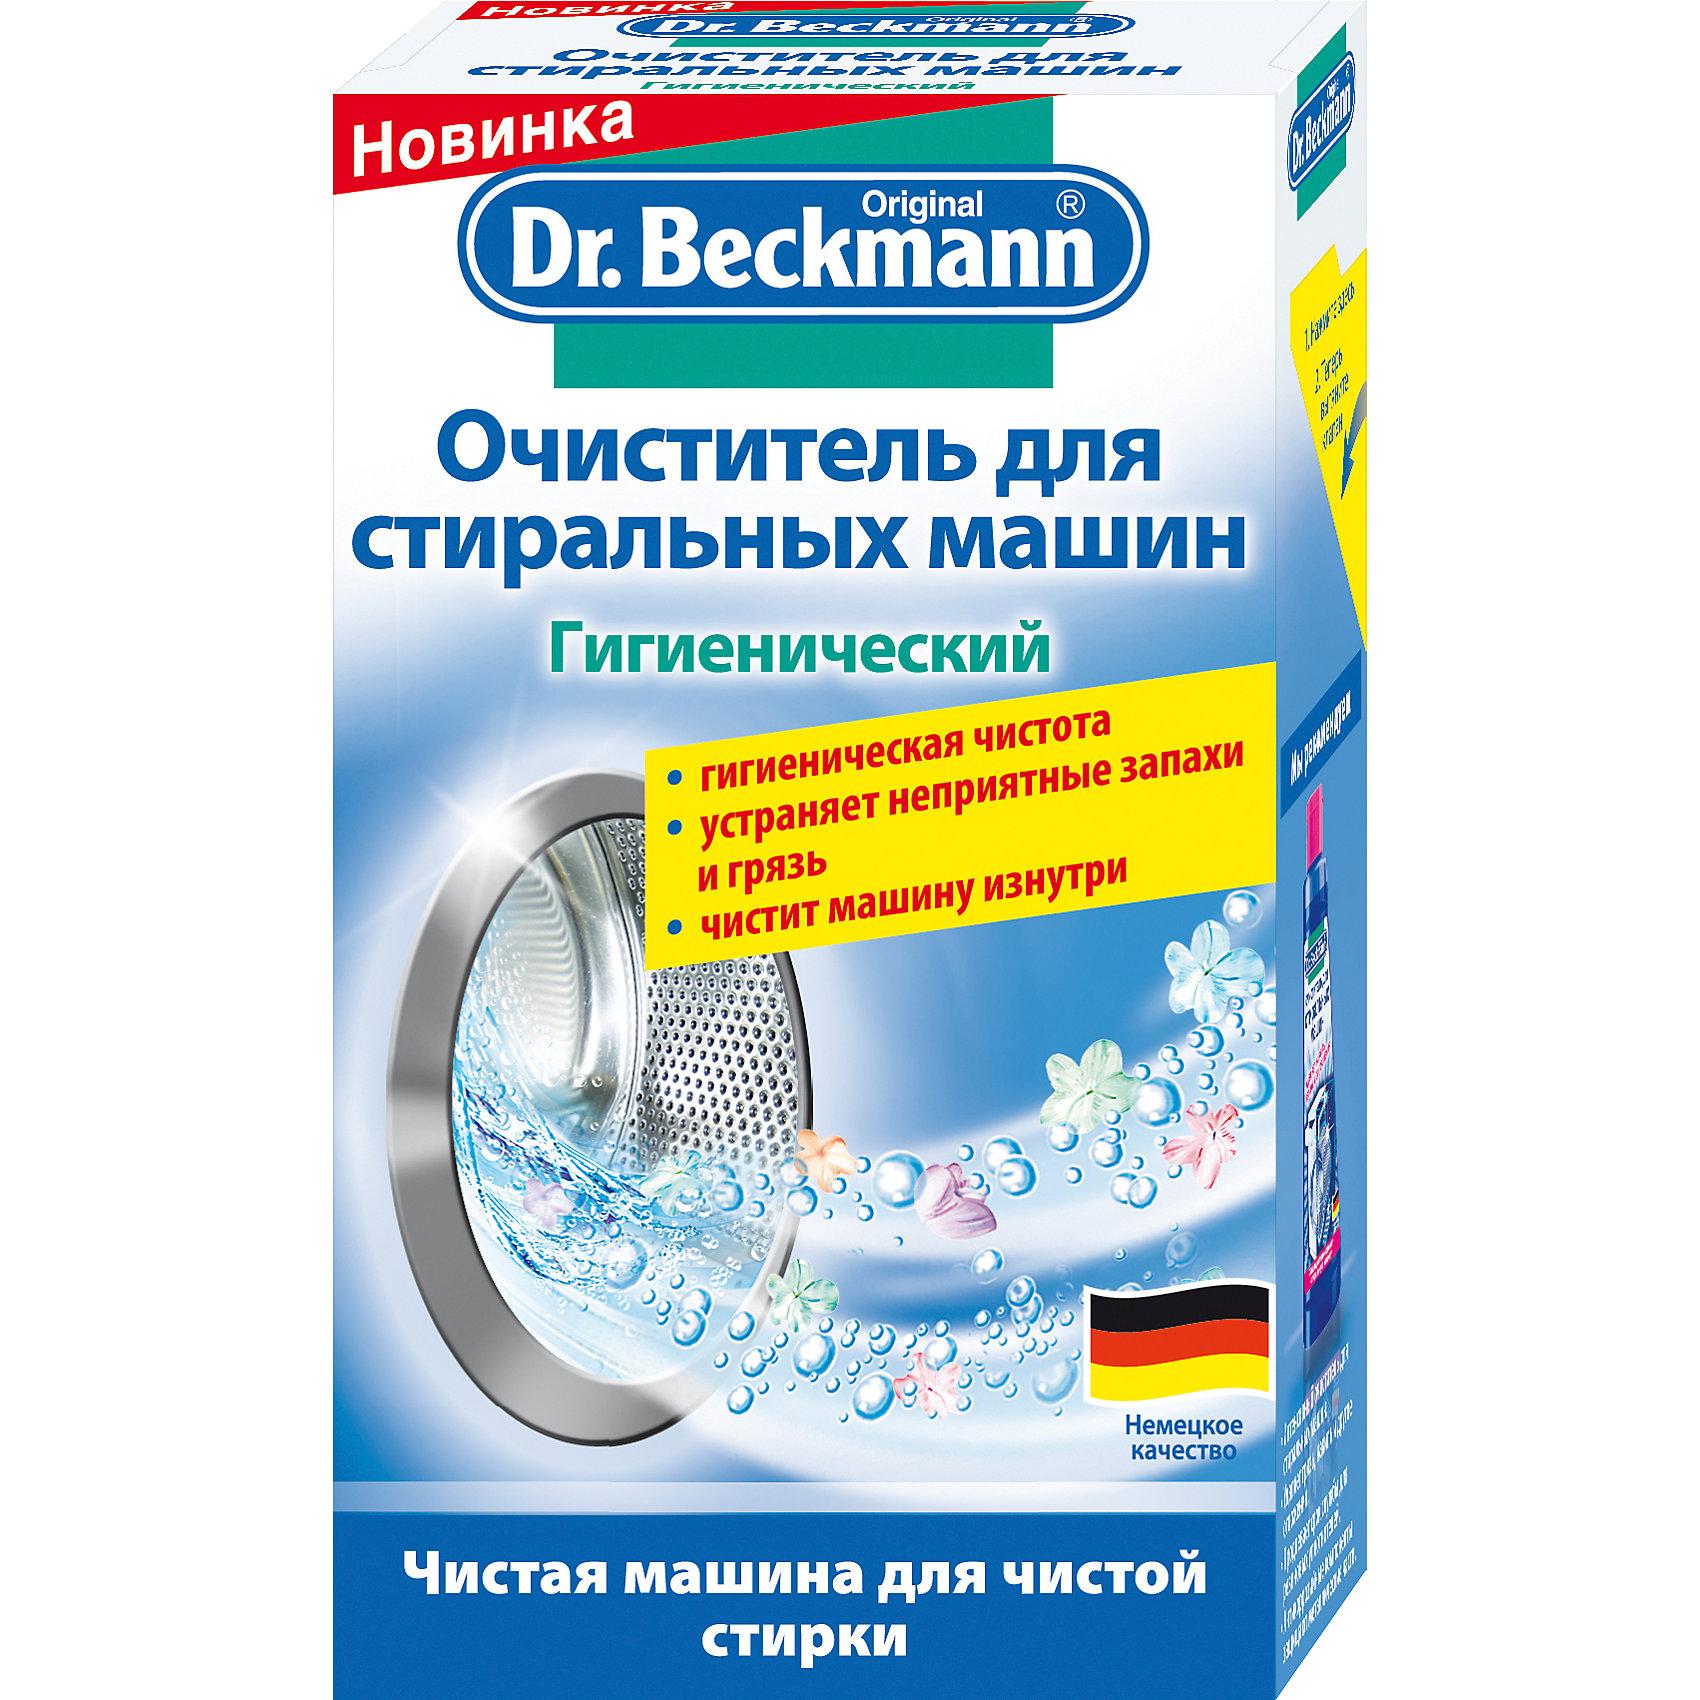 Очиститель для посудомоечных машин (гигиенический), 75 гр., Dr.BeckmannХарактеристики товара:<br><br>• цвет: разноцветный<br>• вес: 75 гр<br>• упаковка: пластик<br>• страна бренда: Германия<br>• страна изготовитель: Германия<br><br>Чистота посудомоечной машины важна не меньше, чем чистота посуды. Из-за часто использования на приборе образуется накипь, которая ломает в дальнейшем посудомоечную машинку и нарушает ее функционирование. Очиститель для бытовой техники прекрасно удаляет накипь, остатки моющих средств и прочие загрязнения, что позволяет машинке служить исправно долгие годы. Материалы, использованные при изготовлении товара, сертифицированы и отвечают всем международным требованиям по качеству. <br><br>Очиститель для посудомоечных машин (гигиенический), 75 гр. от производителя Dr.Beckmann (Др. Бекманн) можно приобрести в нашем интернет-магазине.<br><br>Ширина мм: 77<br>Глубина мм: 35<br>Высота мм: 130<br>Вес г: 108<br>Возраст от месяцев: 216<br>Возраст до месяцев: 1188<br>Пол: Унисекс<br>Возраст: Детский<br>SKU: 5185698